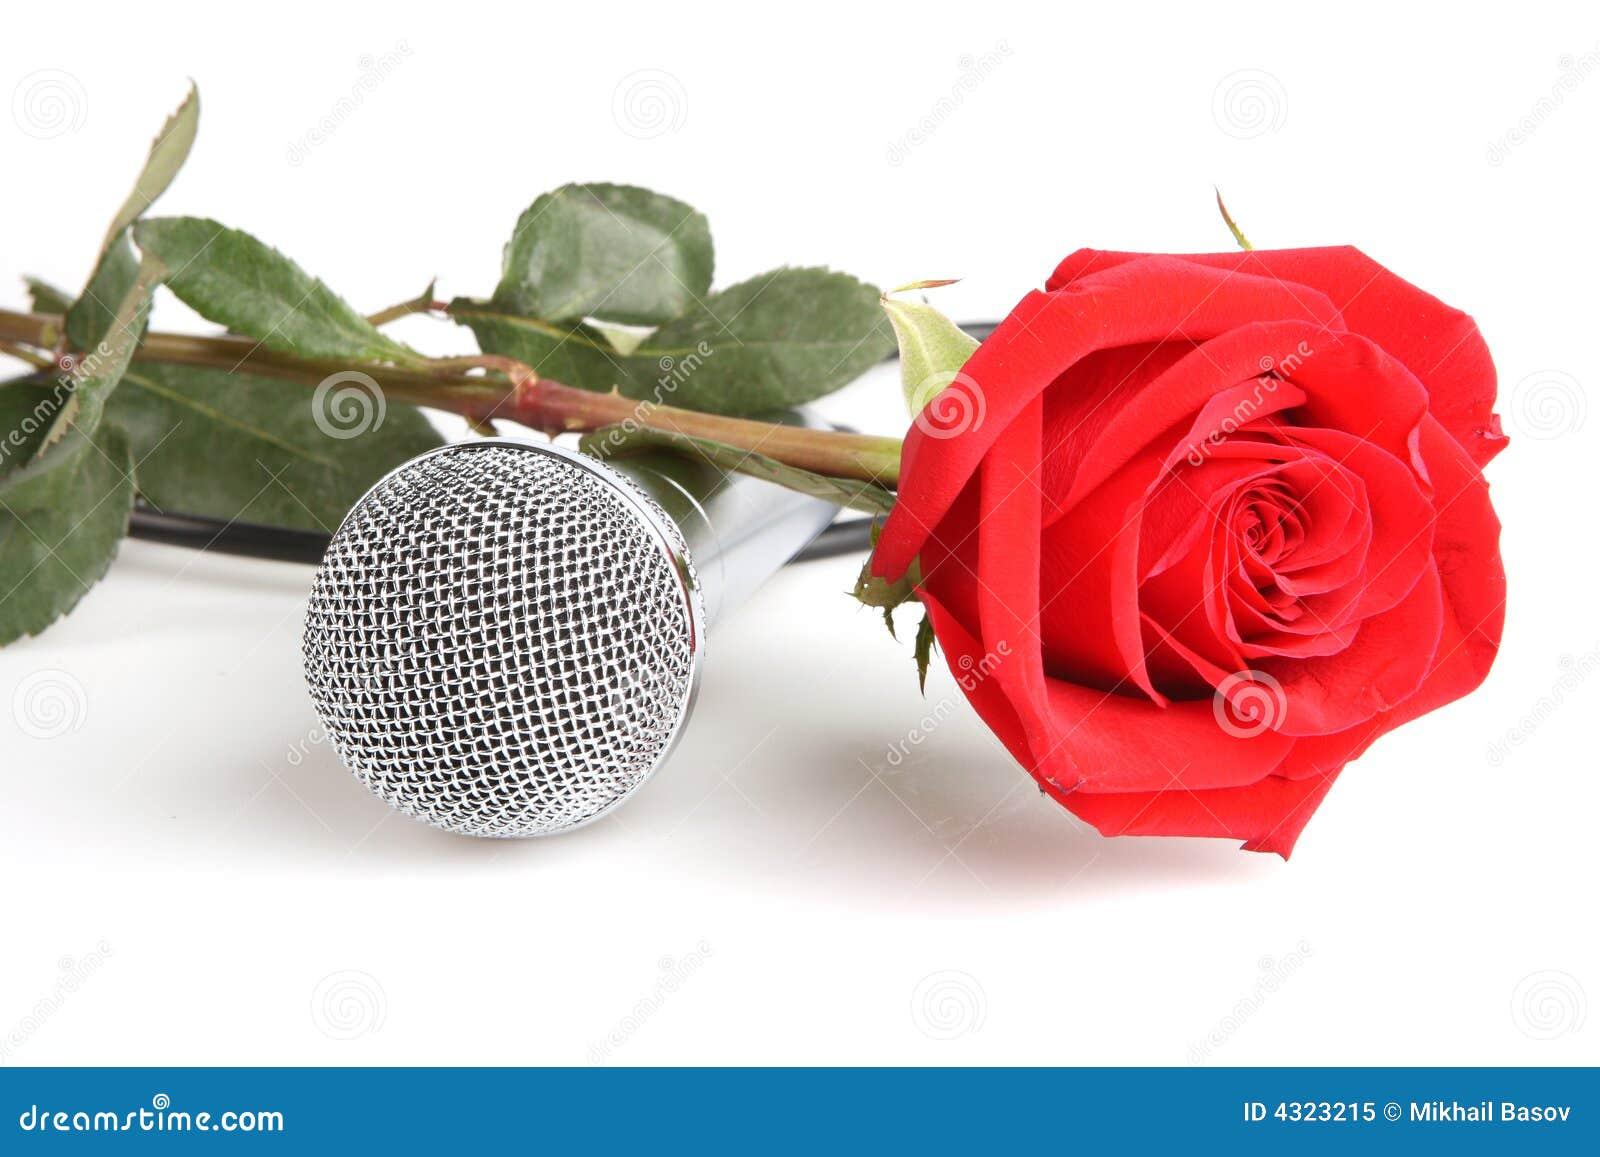 Thế giới Tình yêu - Page 4 Red-roses-microphone-4323215